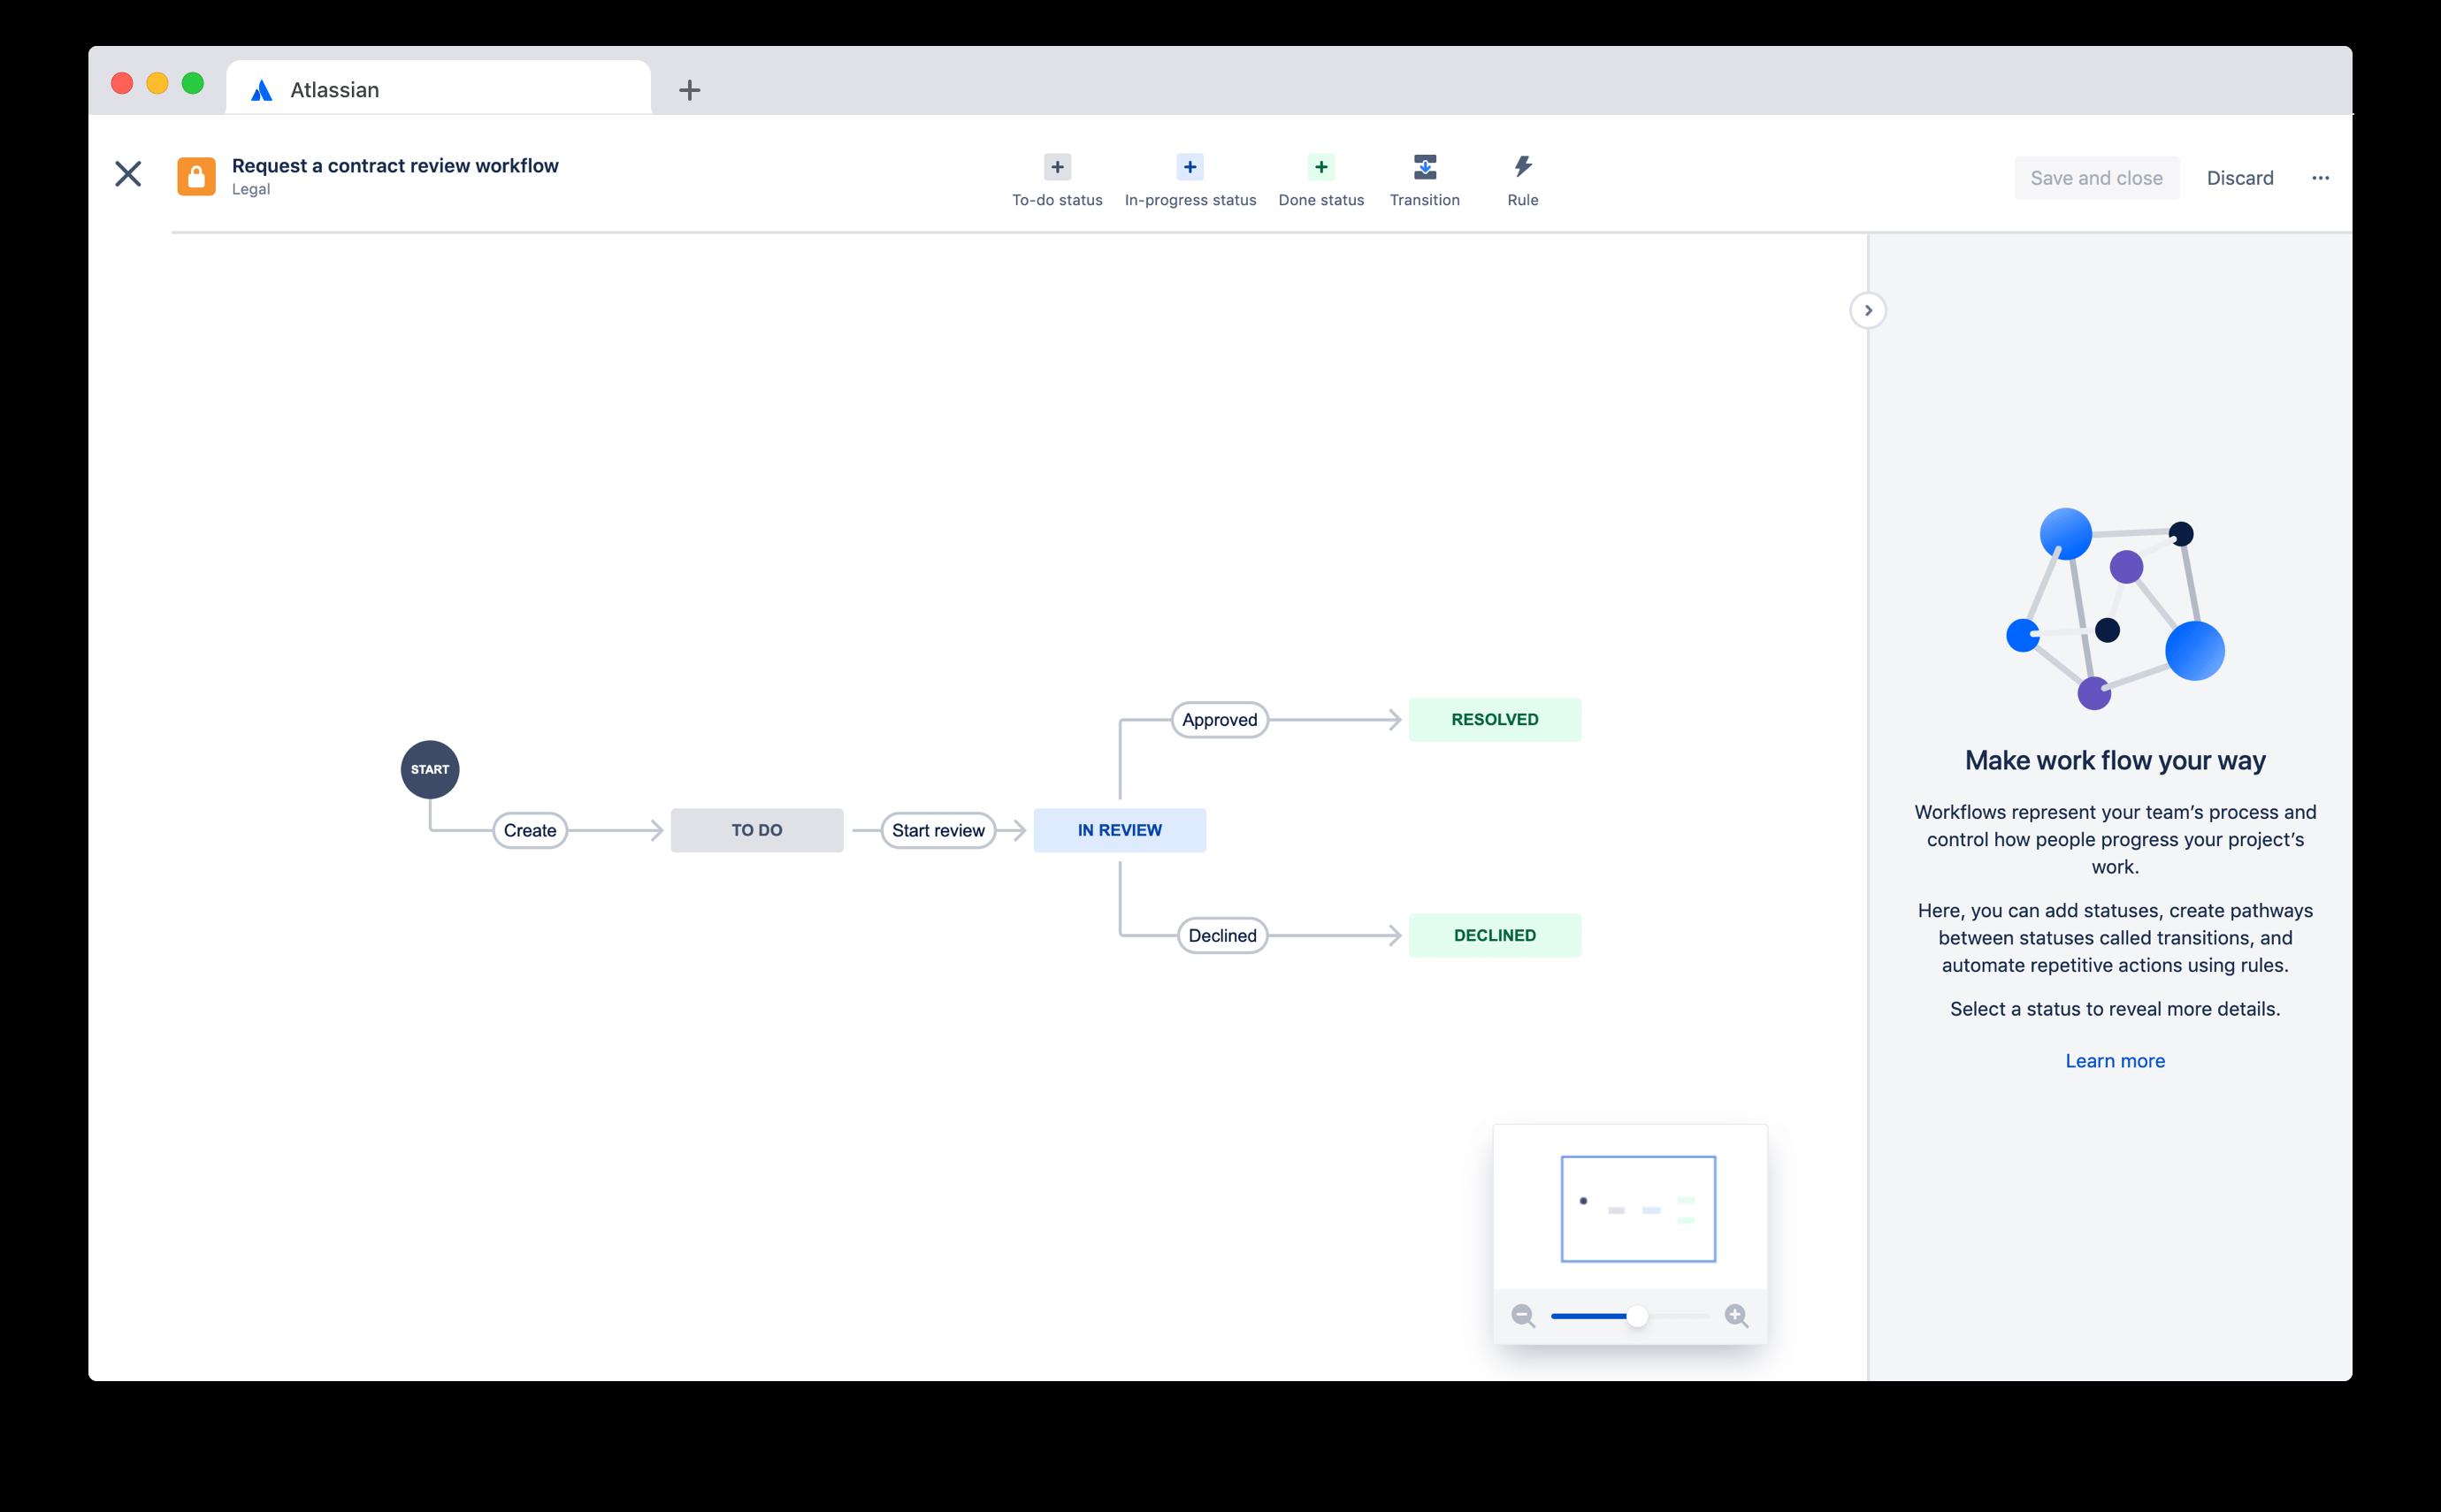 Jira Service Desk workflow